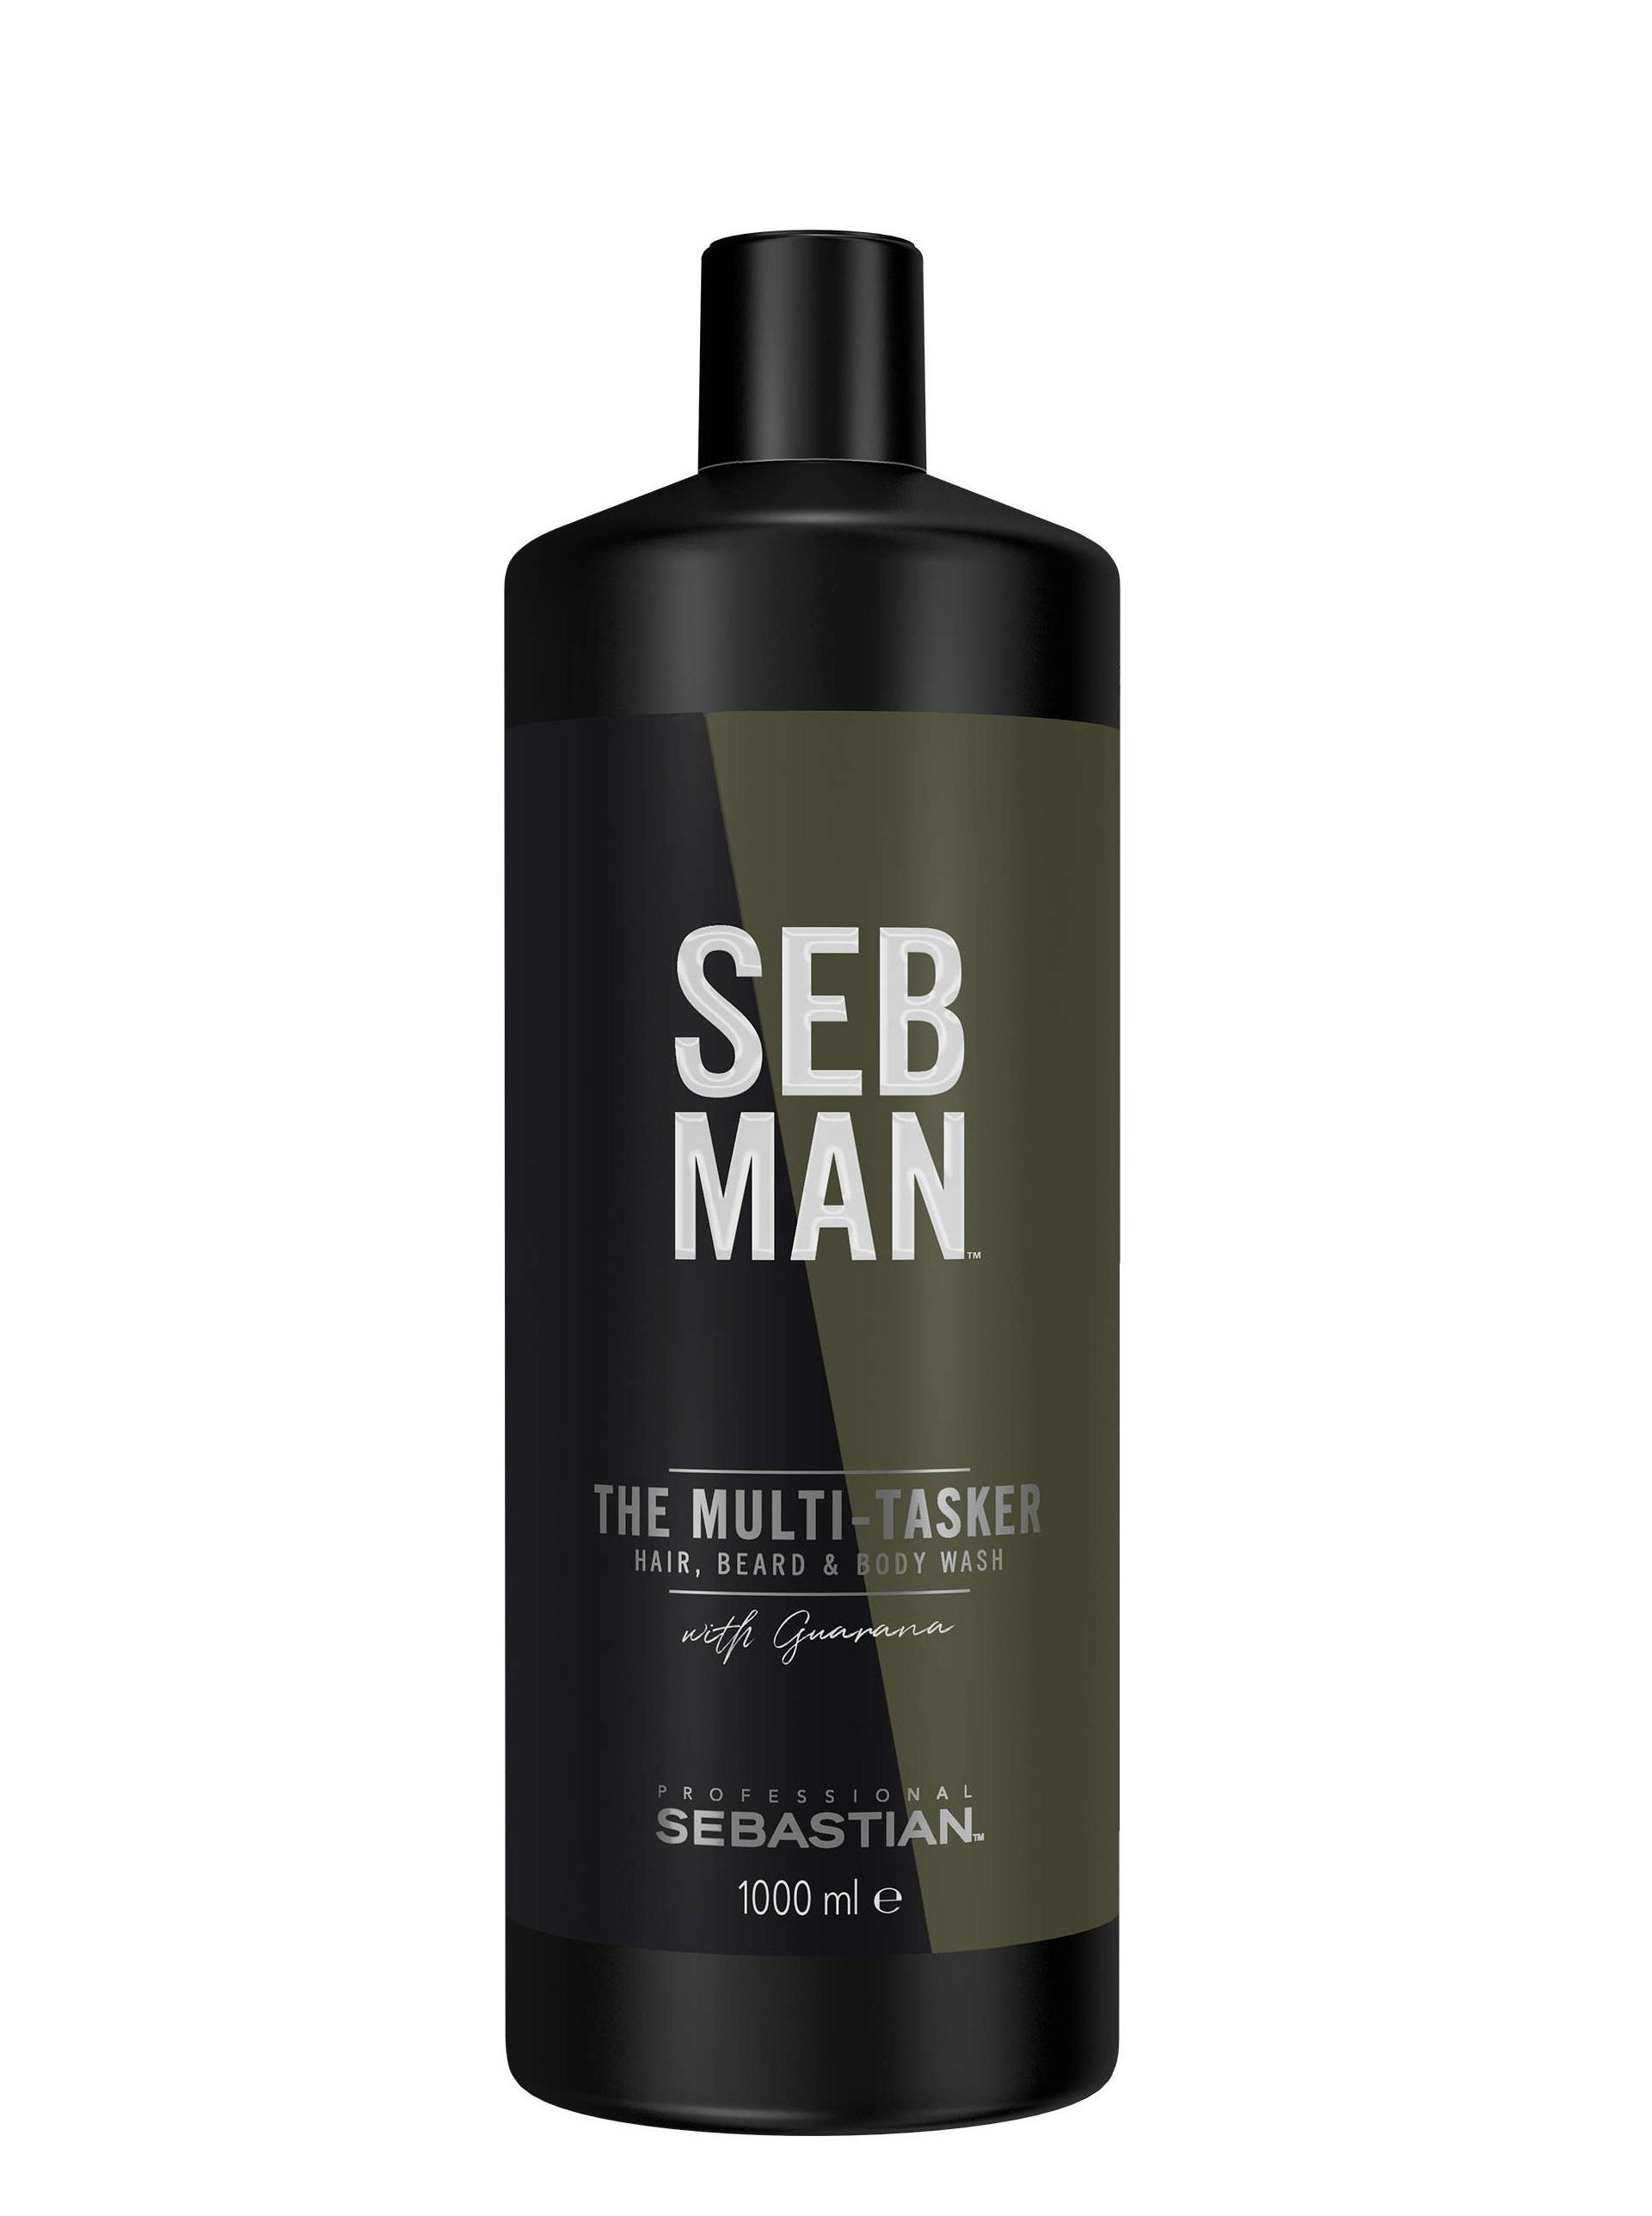 SEB MAN Шампунь для ухода за волосами, бородой и телом 3 в 1 / THE MULTITASKER 1000 мл фото